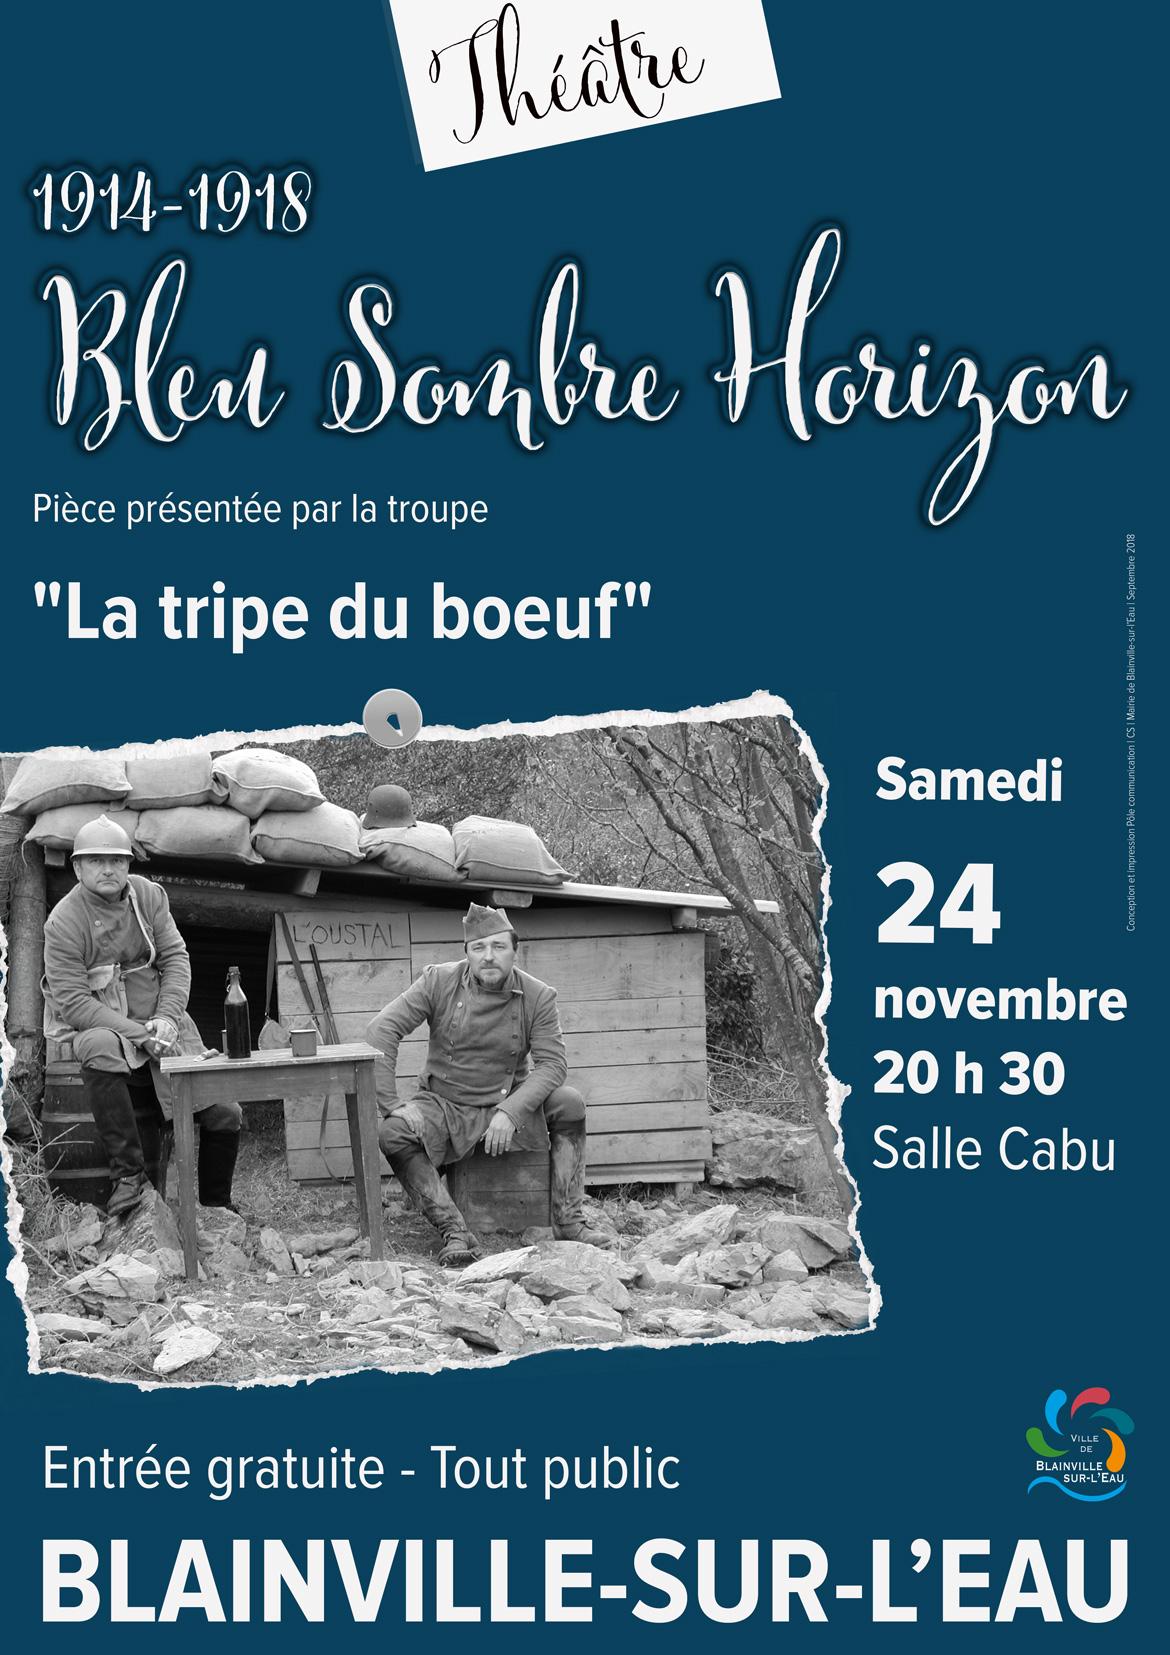 Théâtre 1914-1918 Bleu Sombre Horizon - Blainville-sur-l'Eau